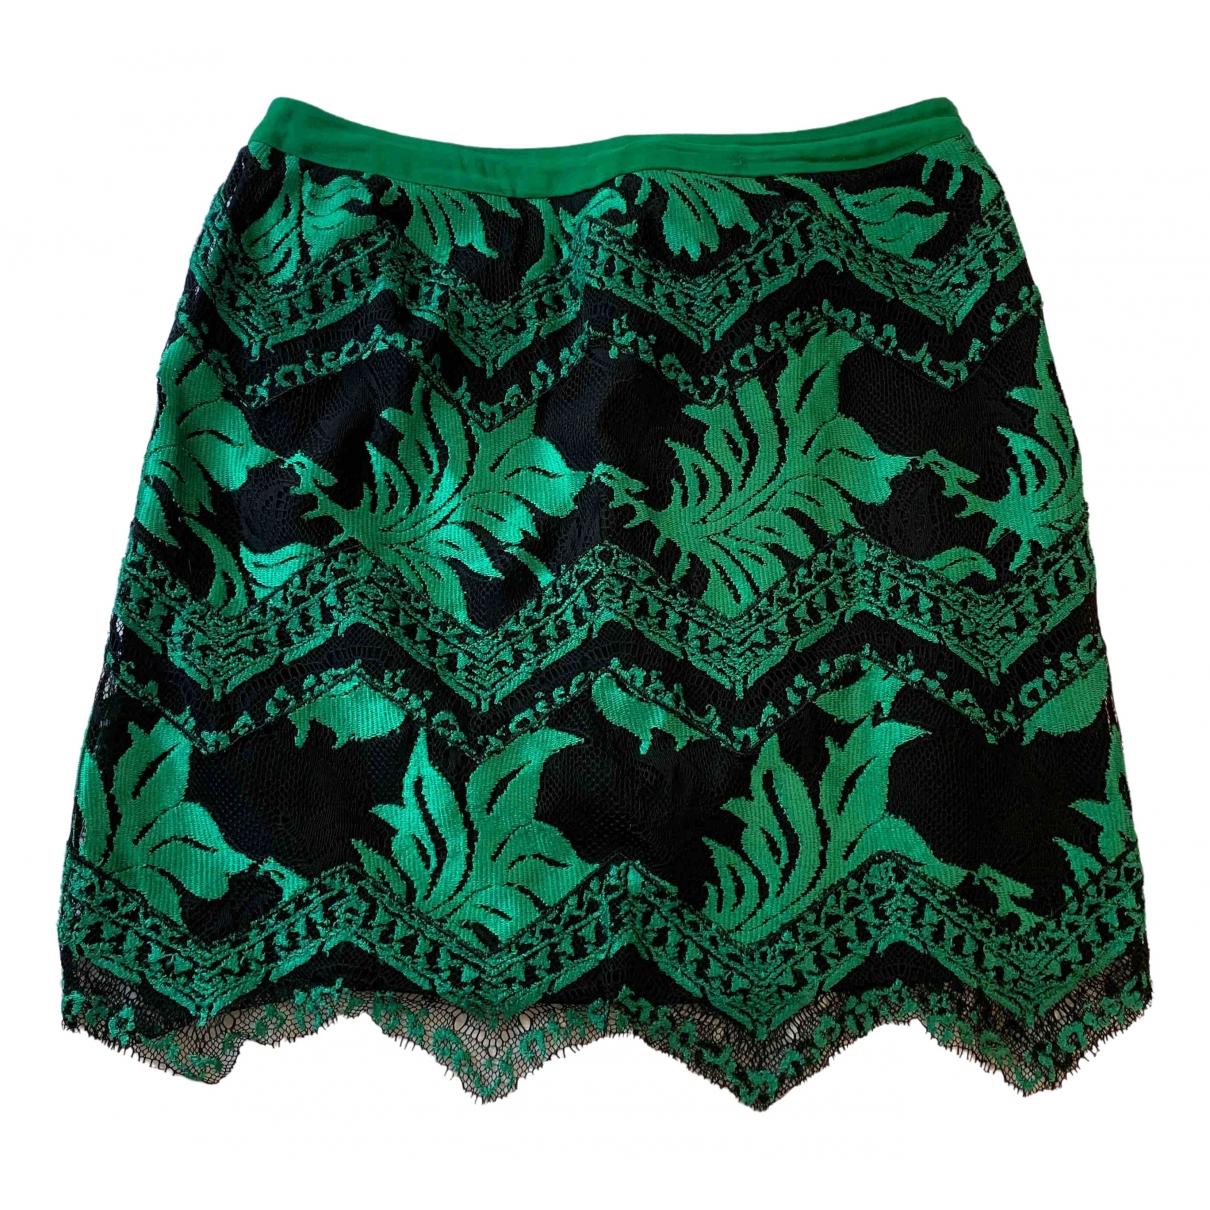 Just Cavalli \N Green skirt for Women 44 FR